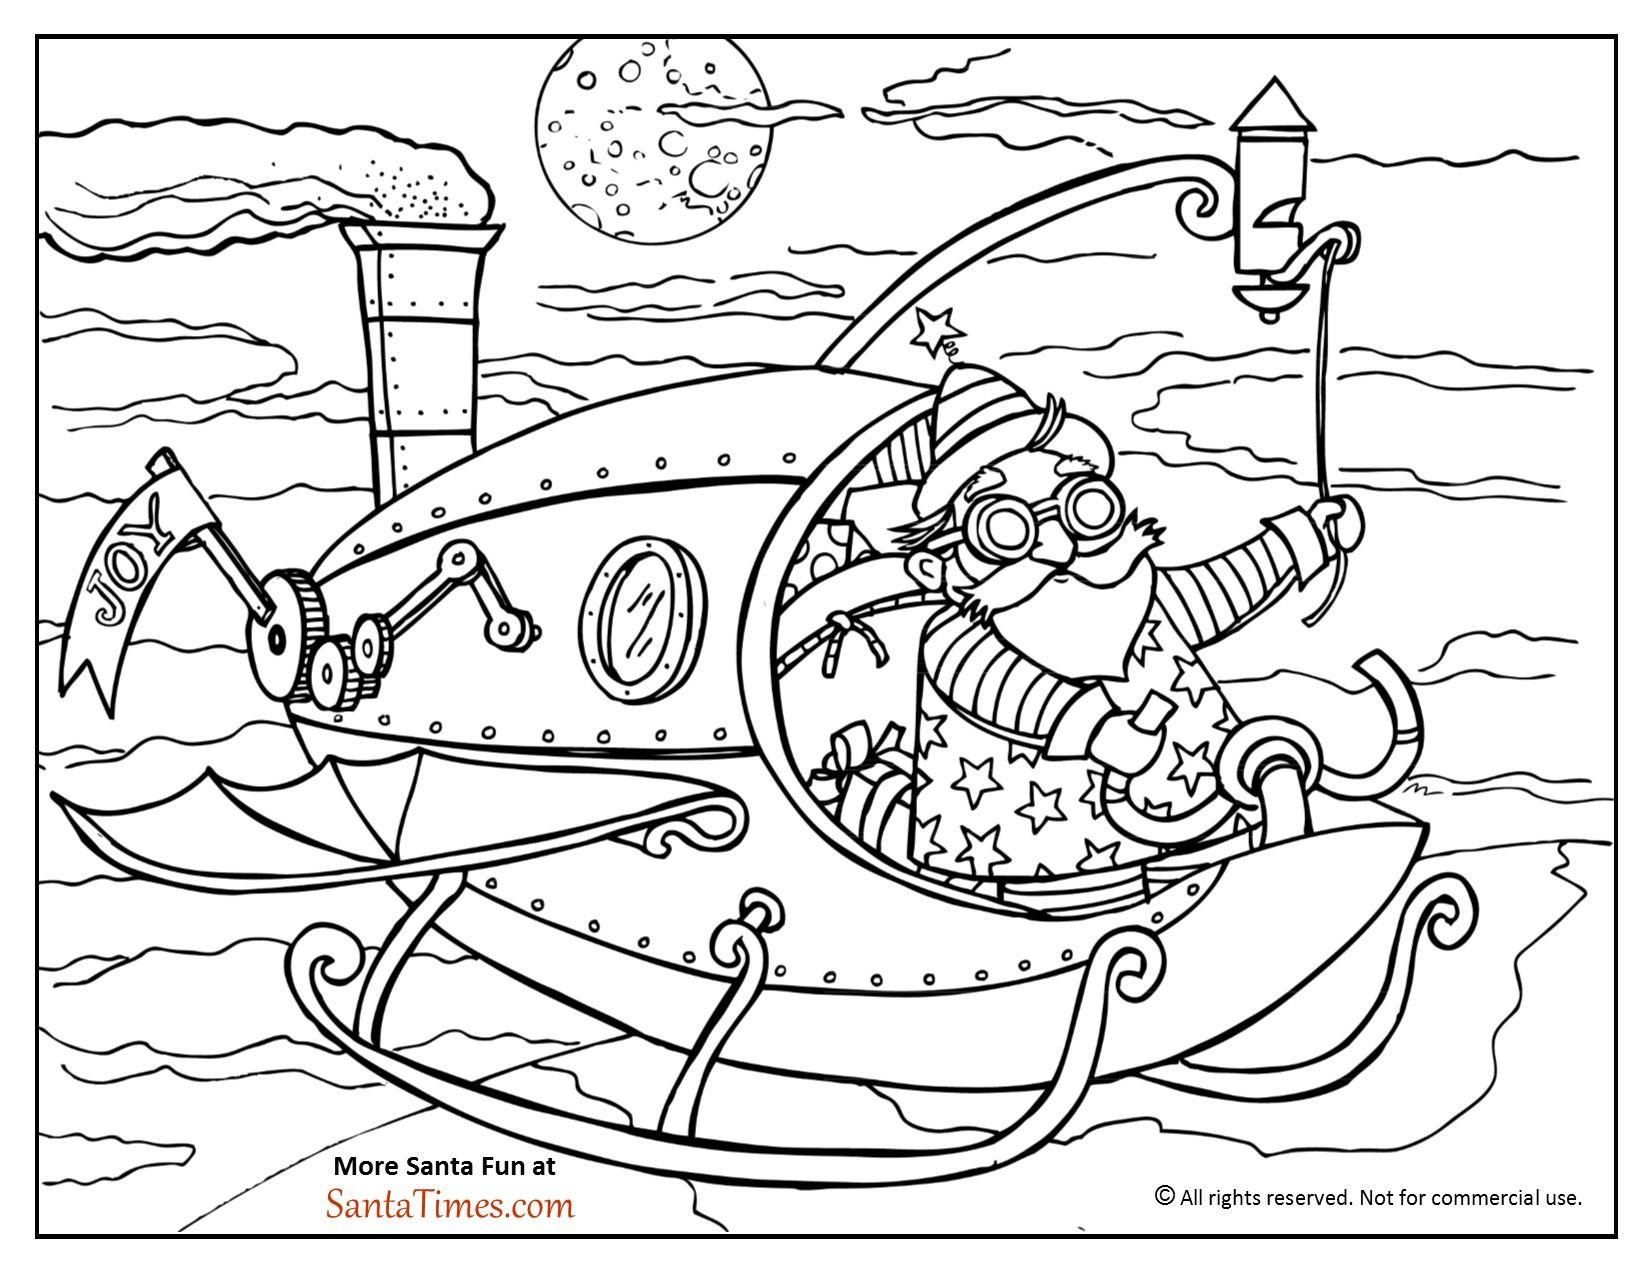 Steampunk Santa Coloring Page Santa Coloring Pages Coloring Pages Steampunk Coloring